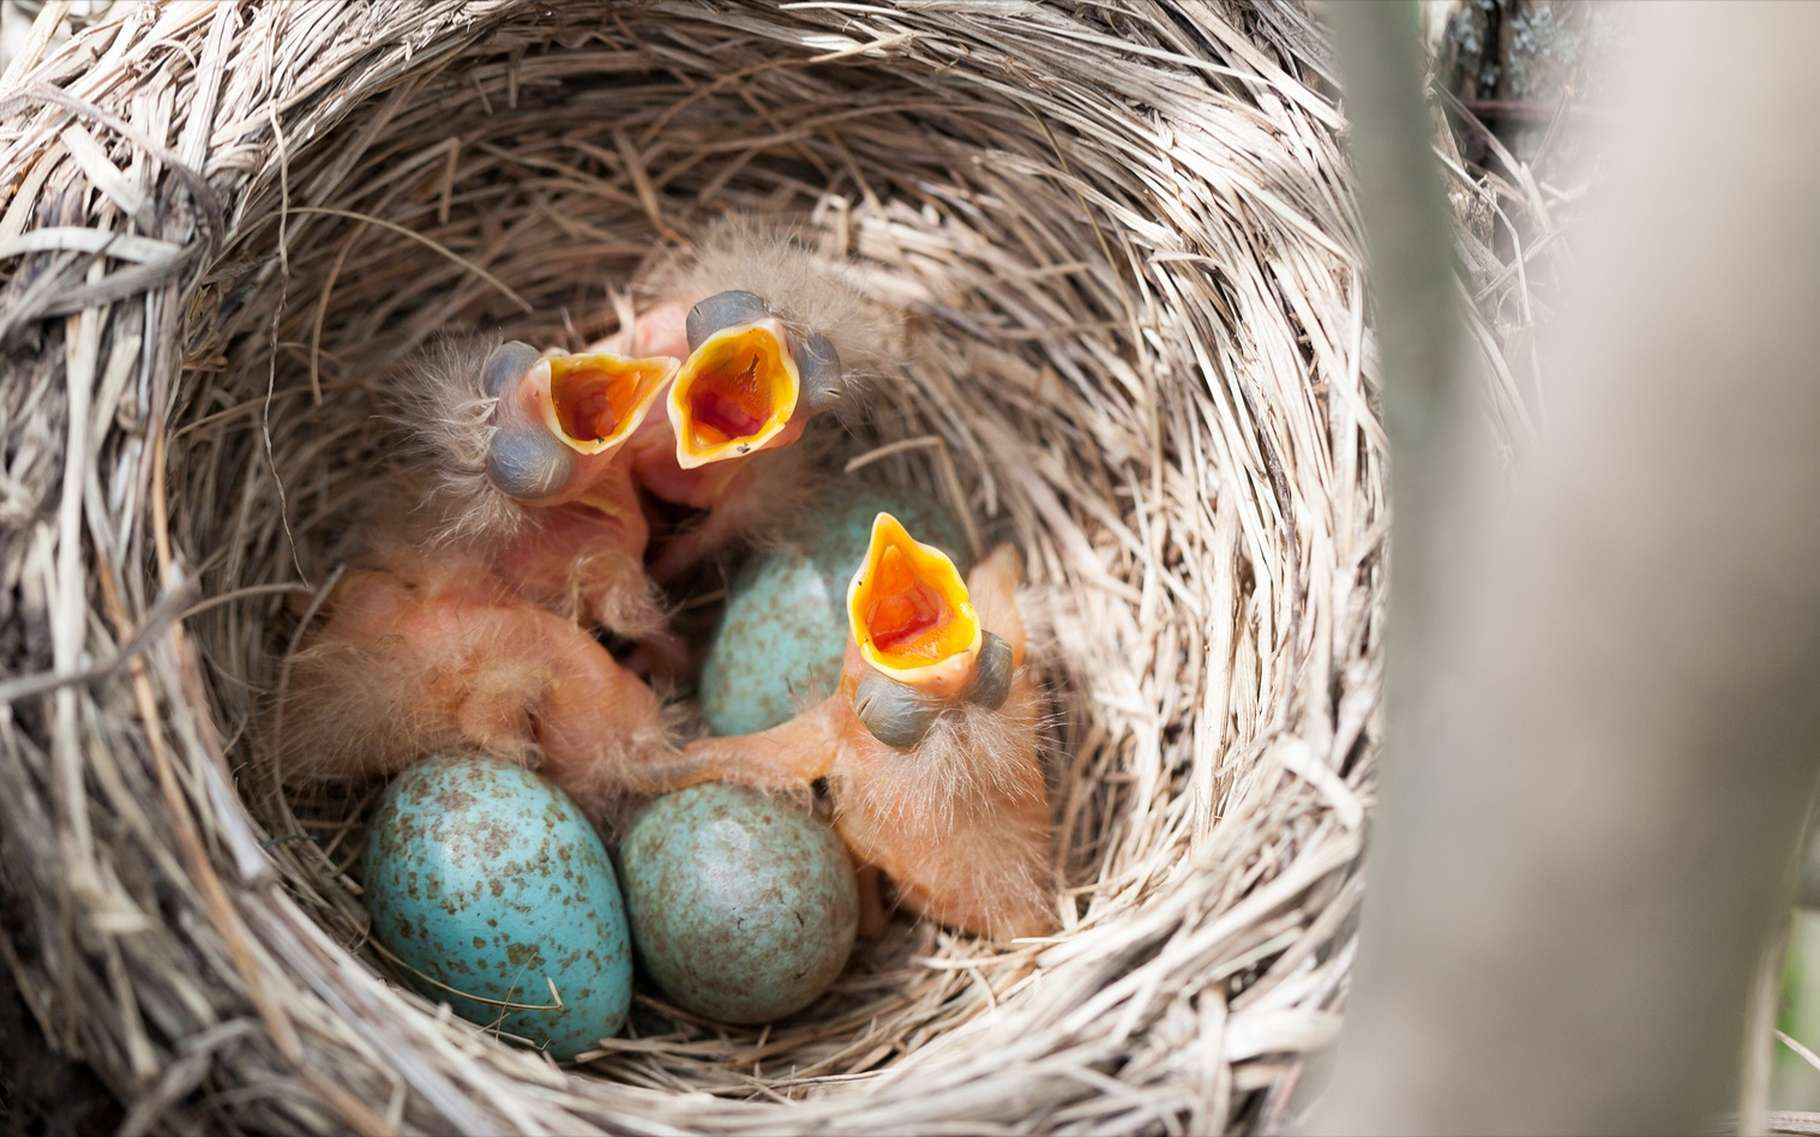 Un oisillon peut tomber du nid, parce qu'il a été poussé ou parce qu'il a voulu partir en exploration. © Vishnevskiy Vasily, Shutterstock